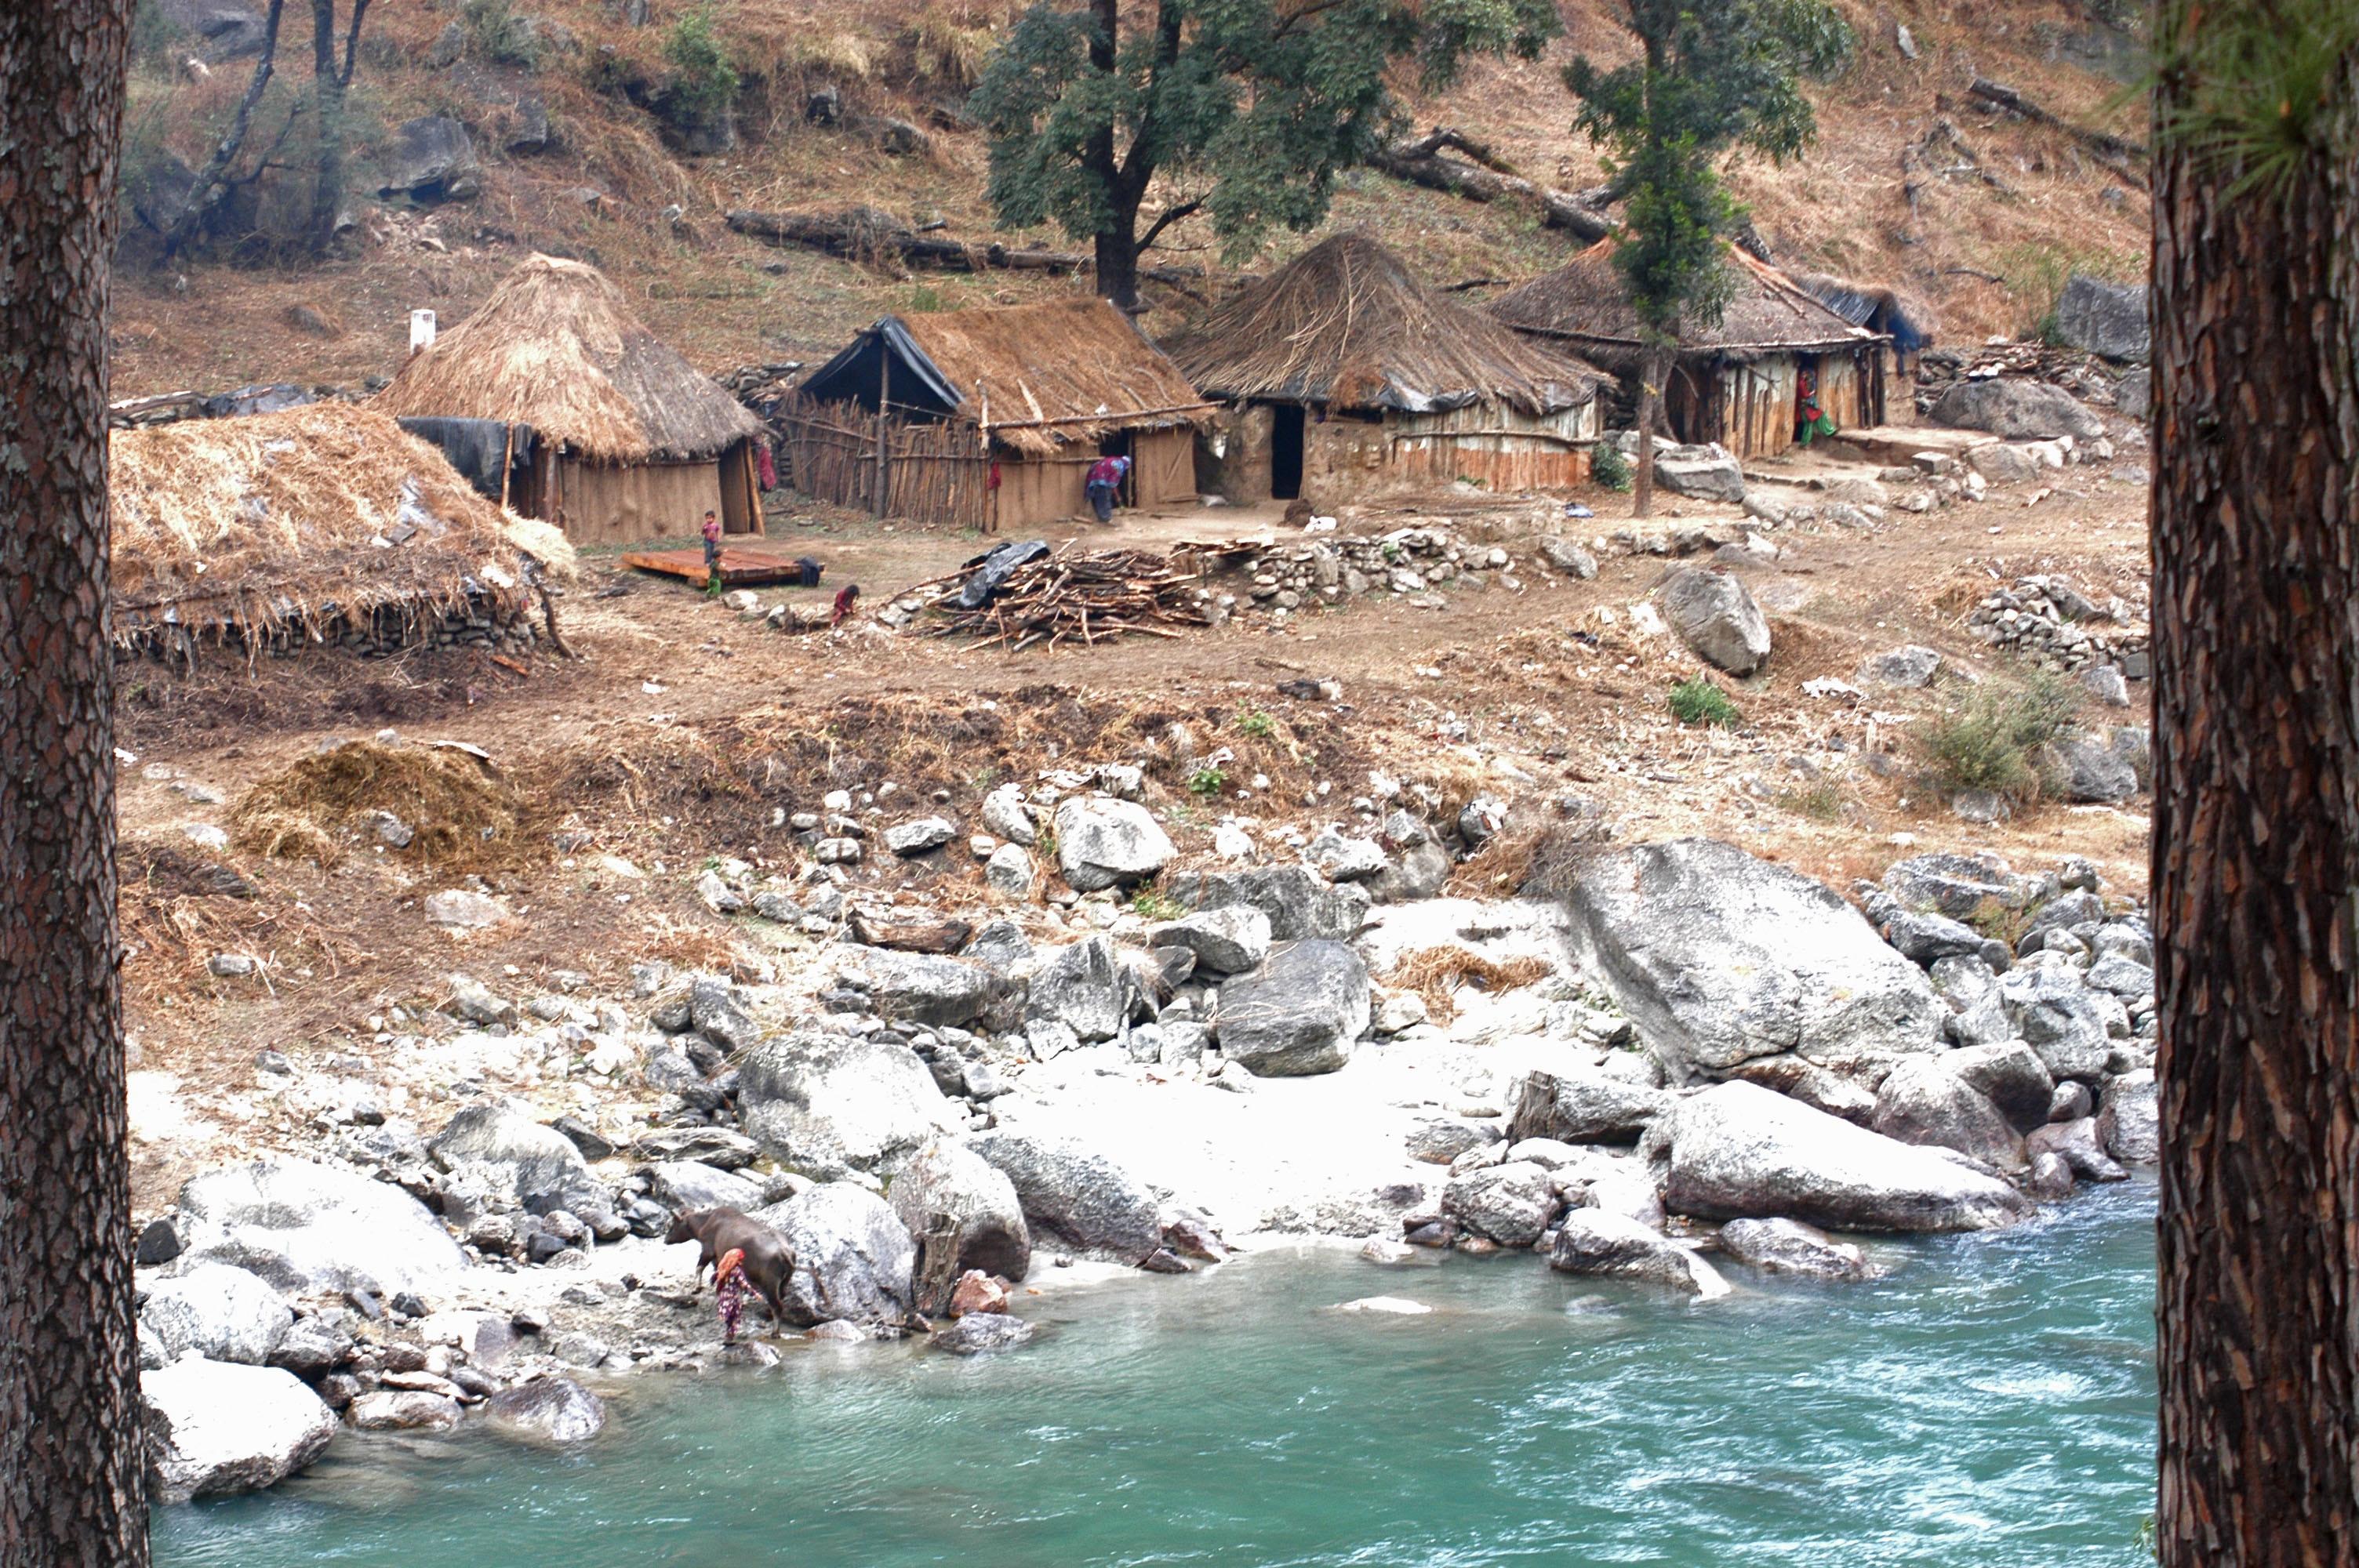 Brown Nipa Houses Beside River, Rocks, Wood, Waves, Waters, HQ Photo